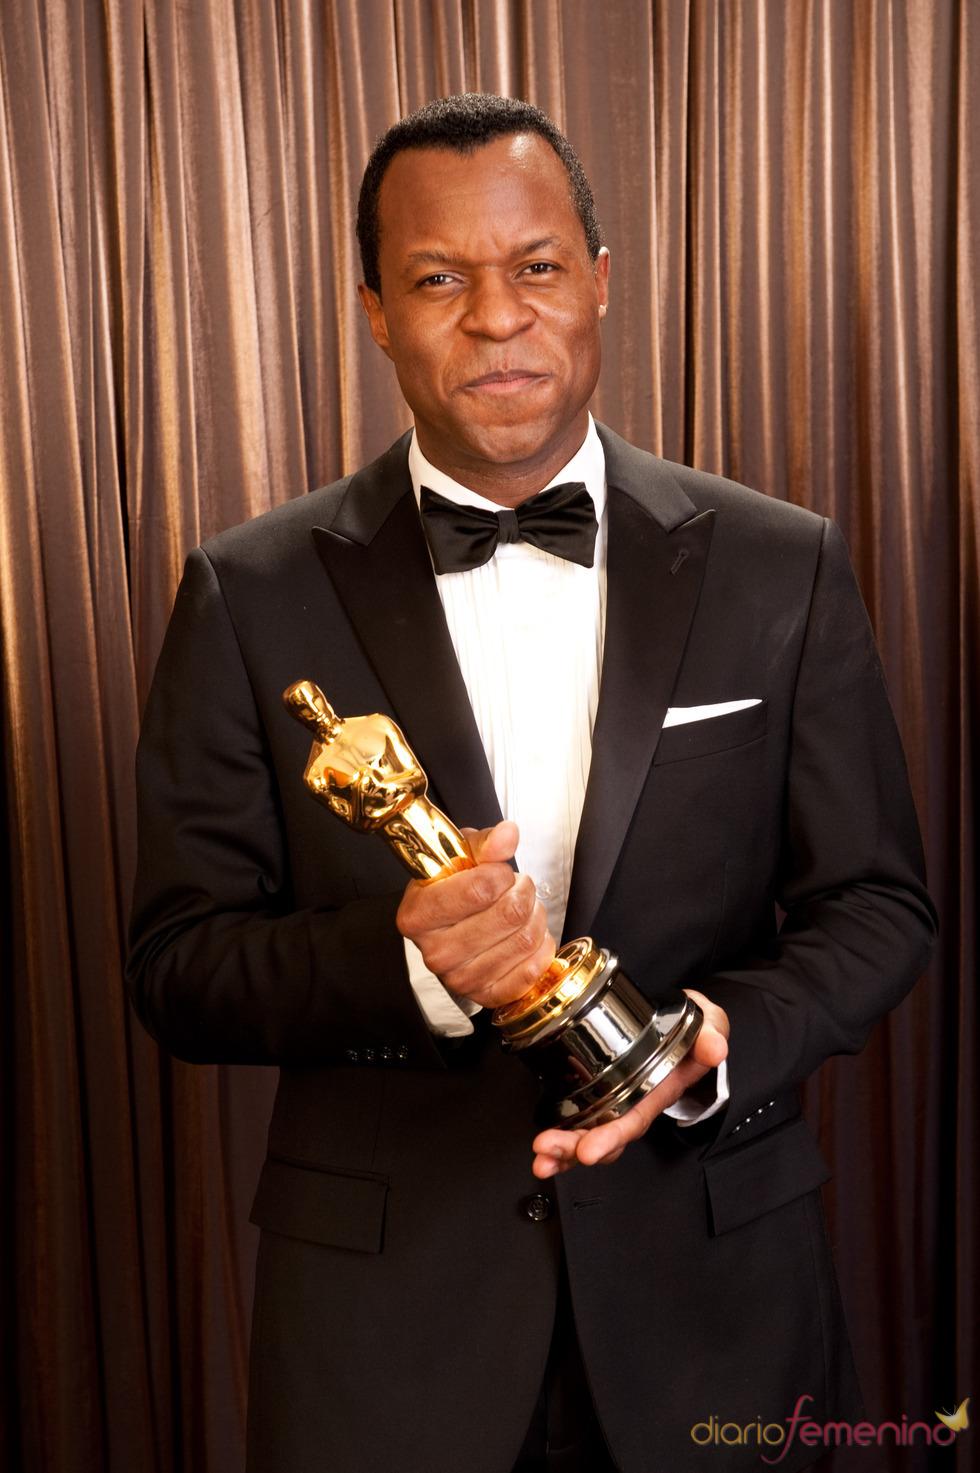 Oscar 2010 al Mejor Guión Adaptado